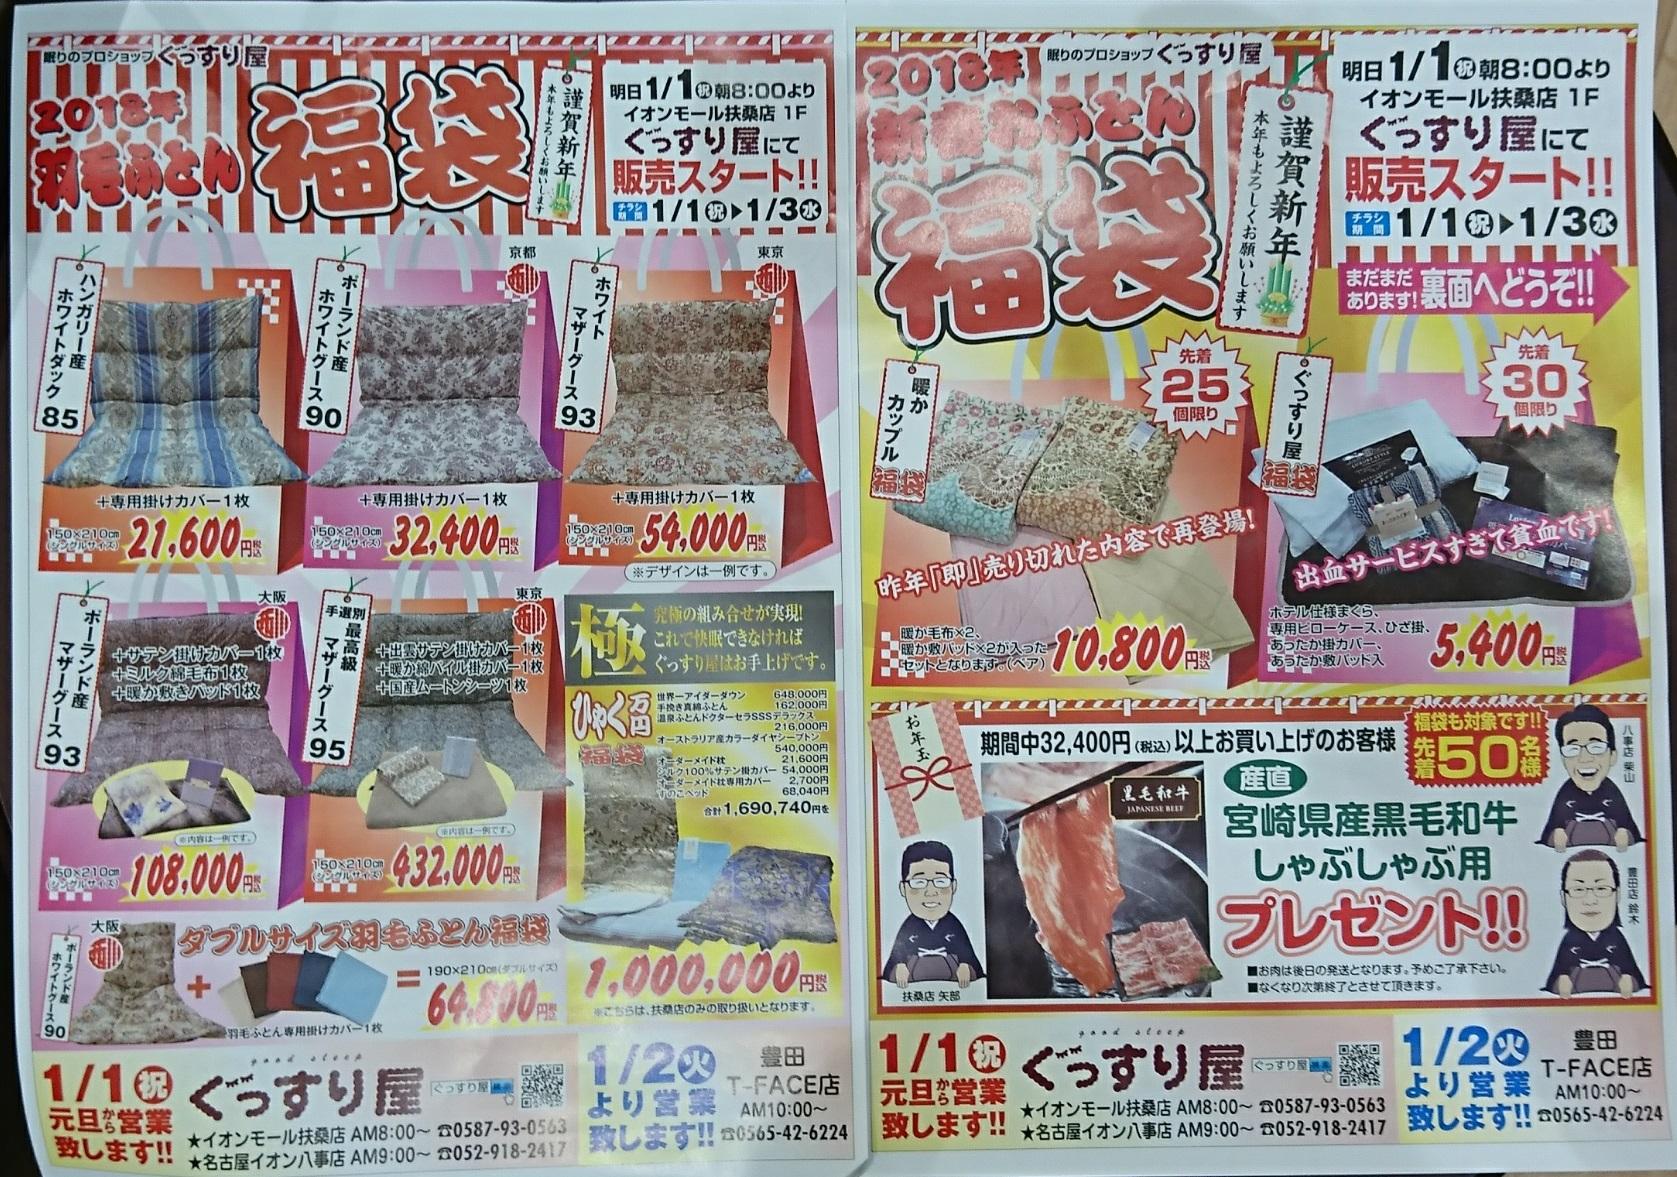 2018新春福袋販売情報!「ぐっすり屋モール店」